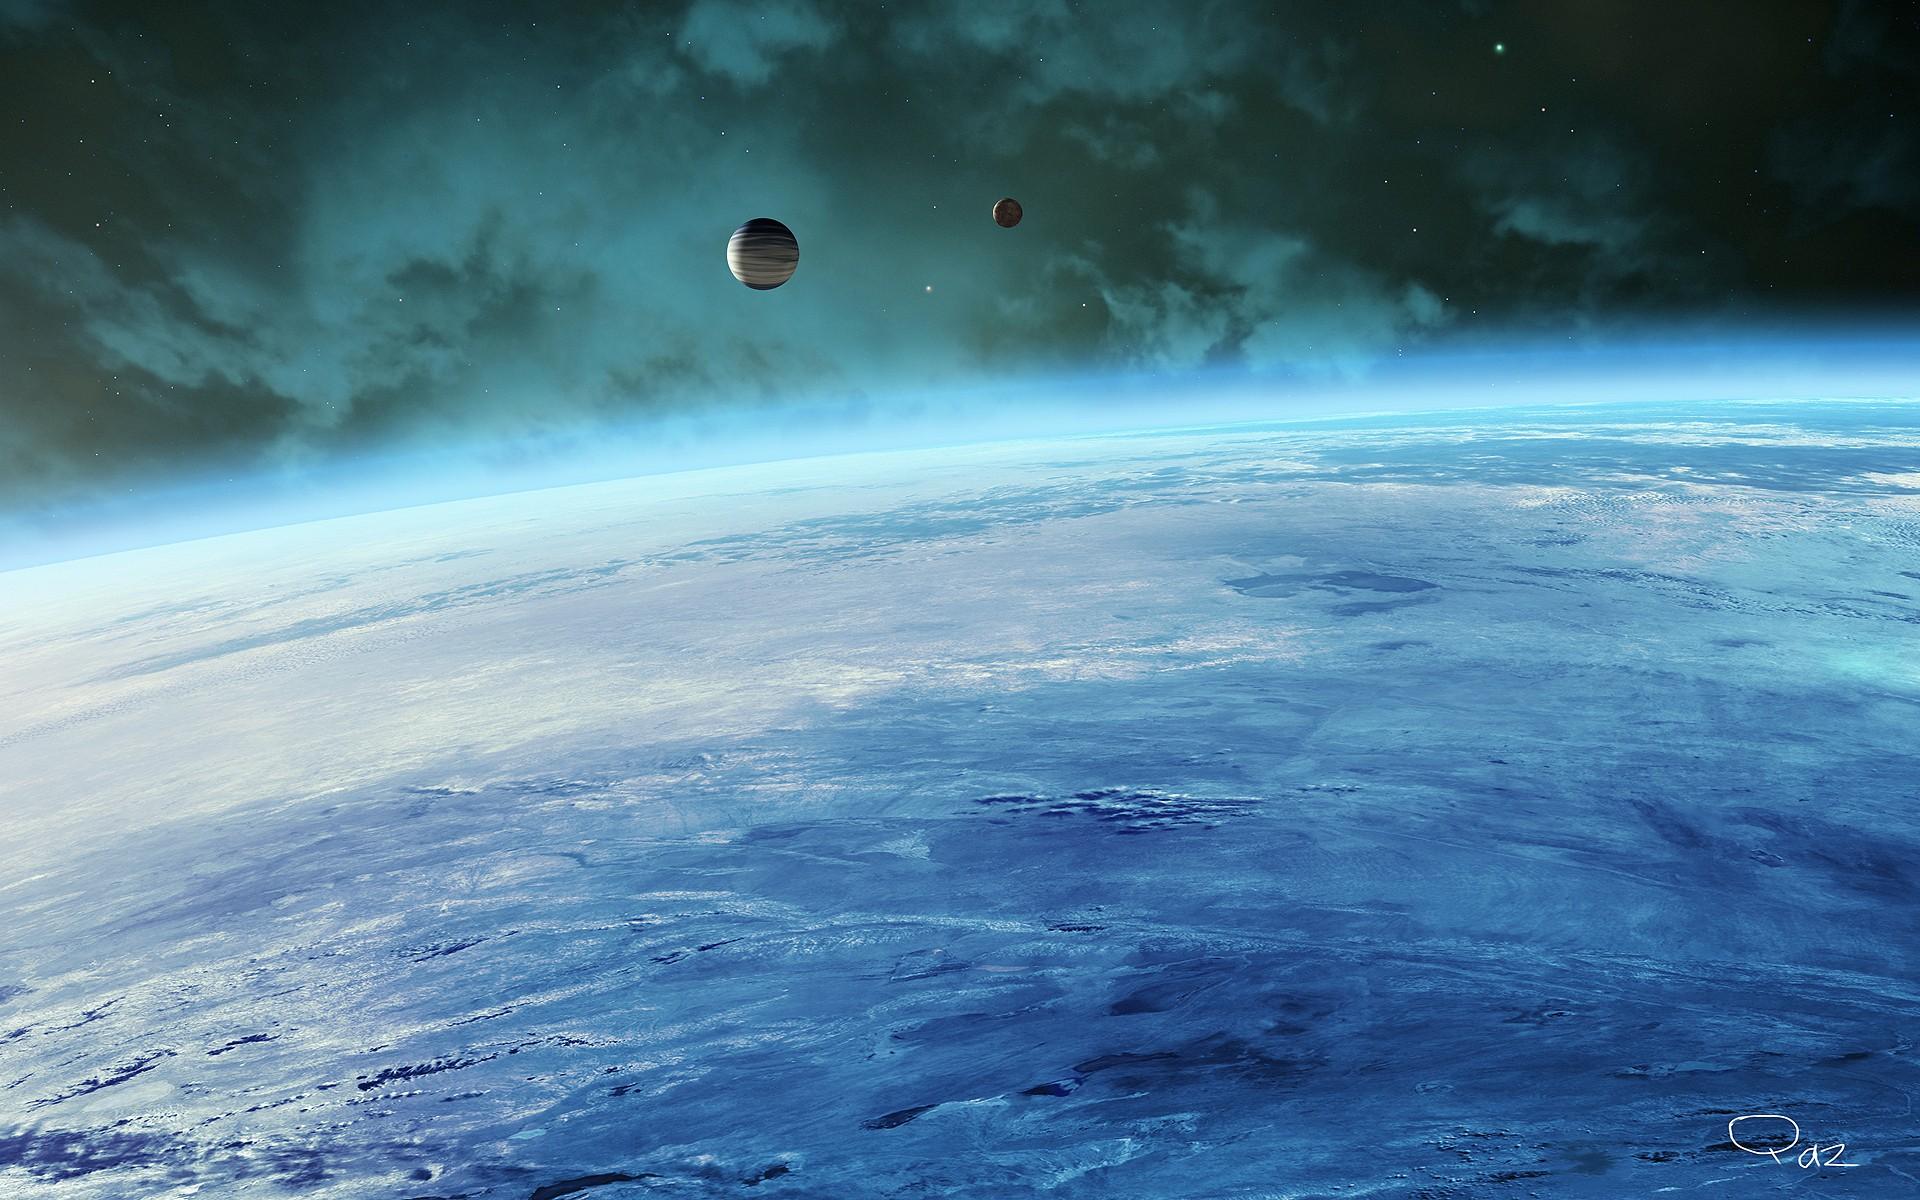 Обои Планета и спутник картинки на рабочий стол на тему Космос - скачать  № 43015 бесплатно